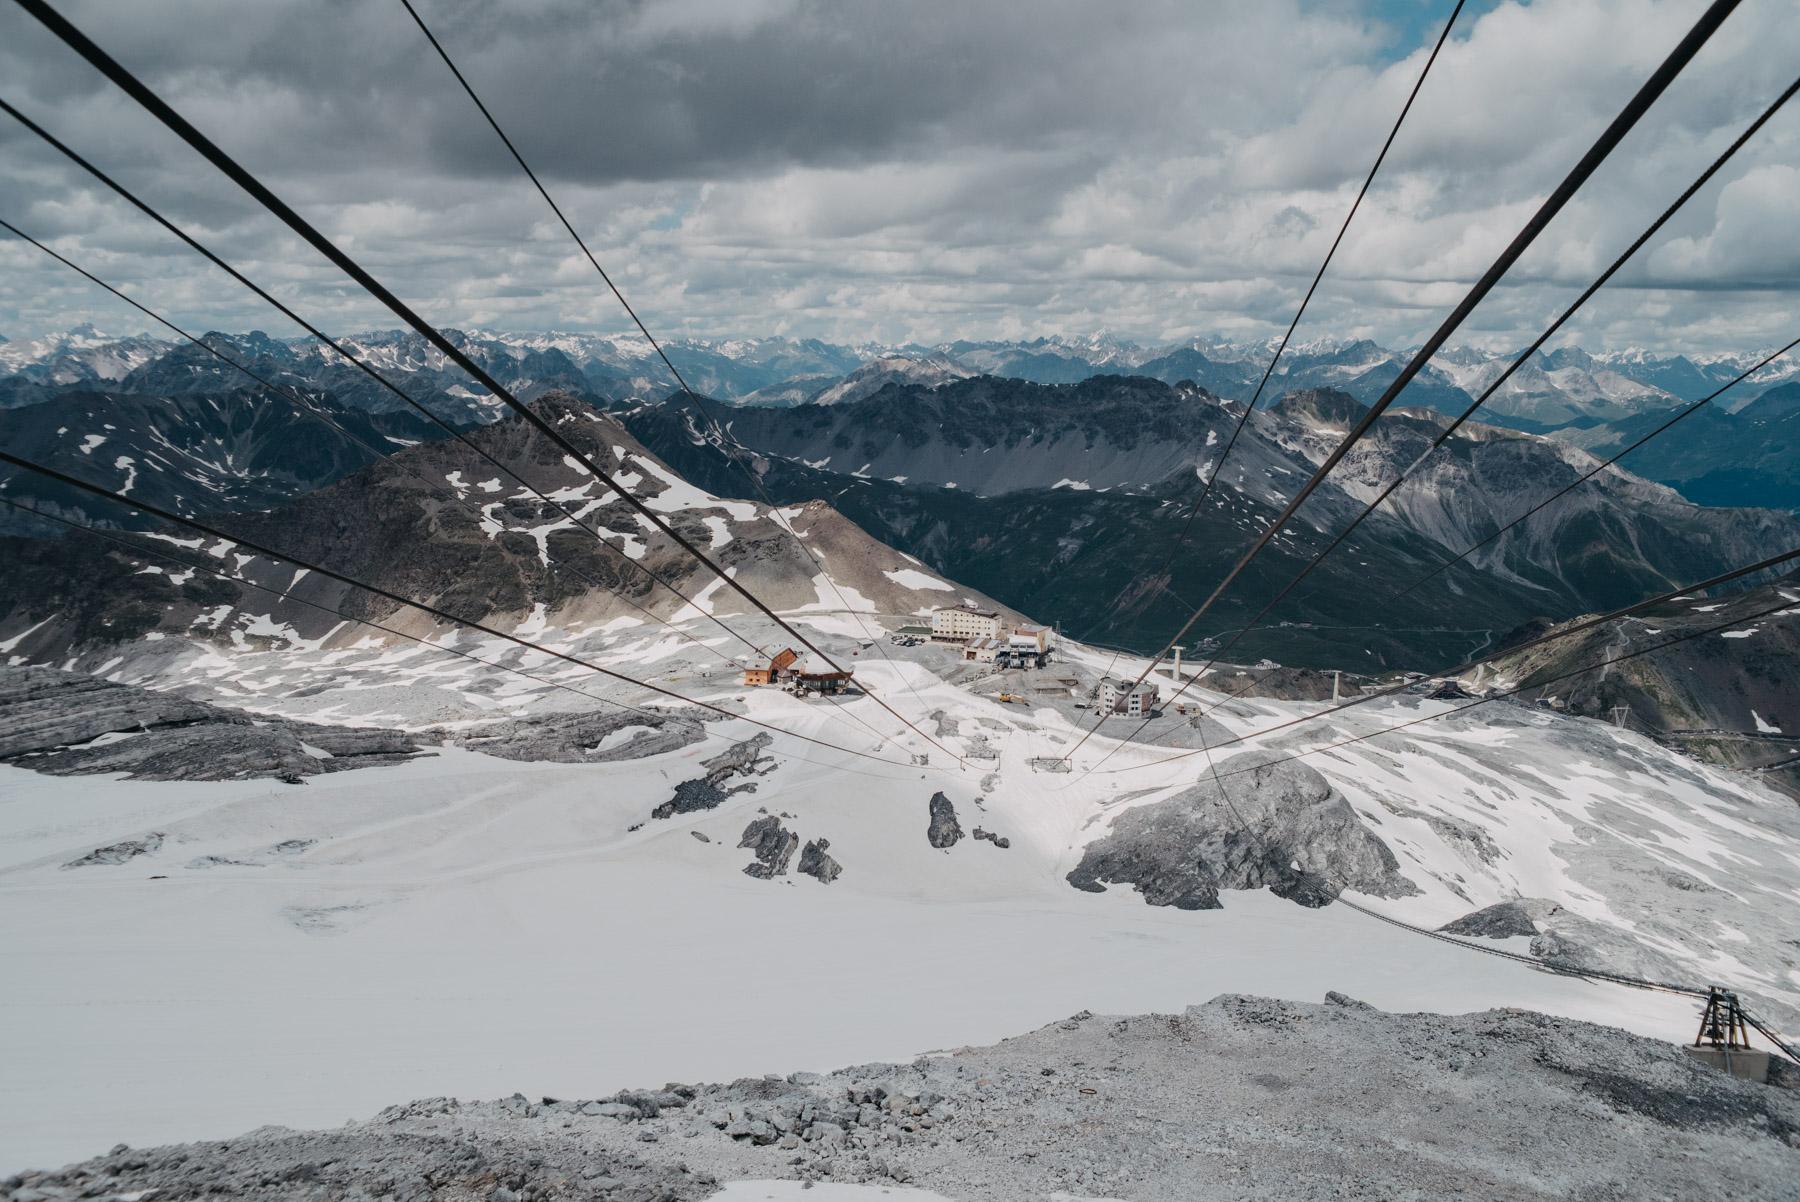 Summer snow on the mountains near the Stelvio pass, Neve estiva sulle montagne del passo dello Stelvio